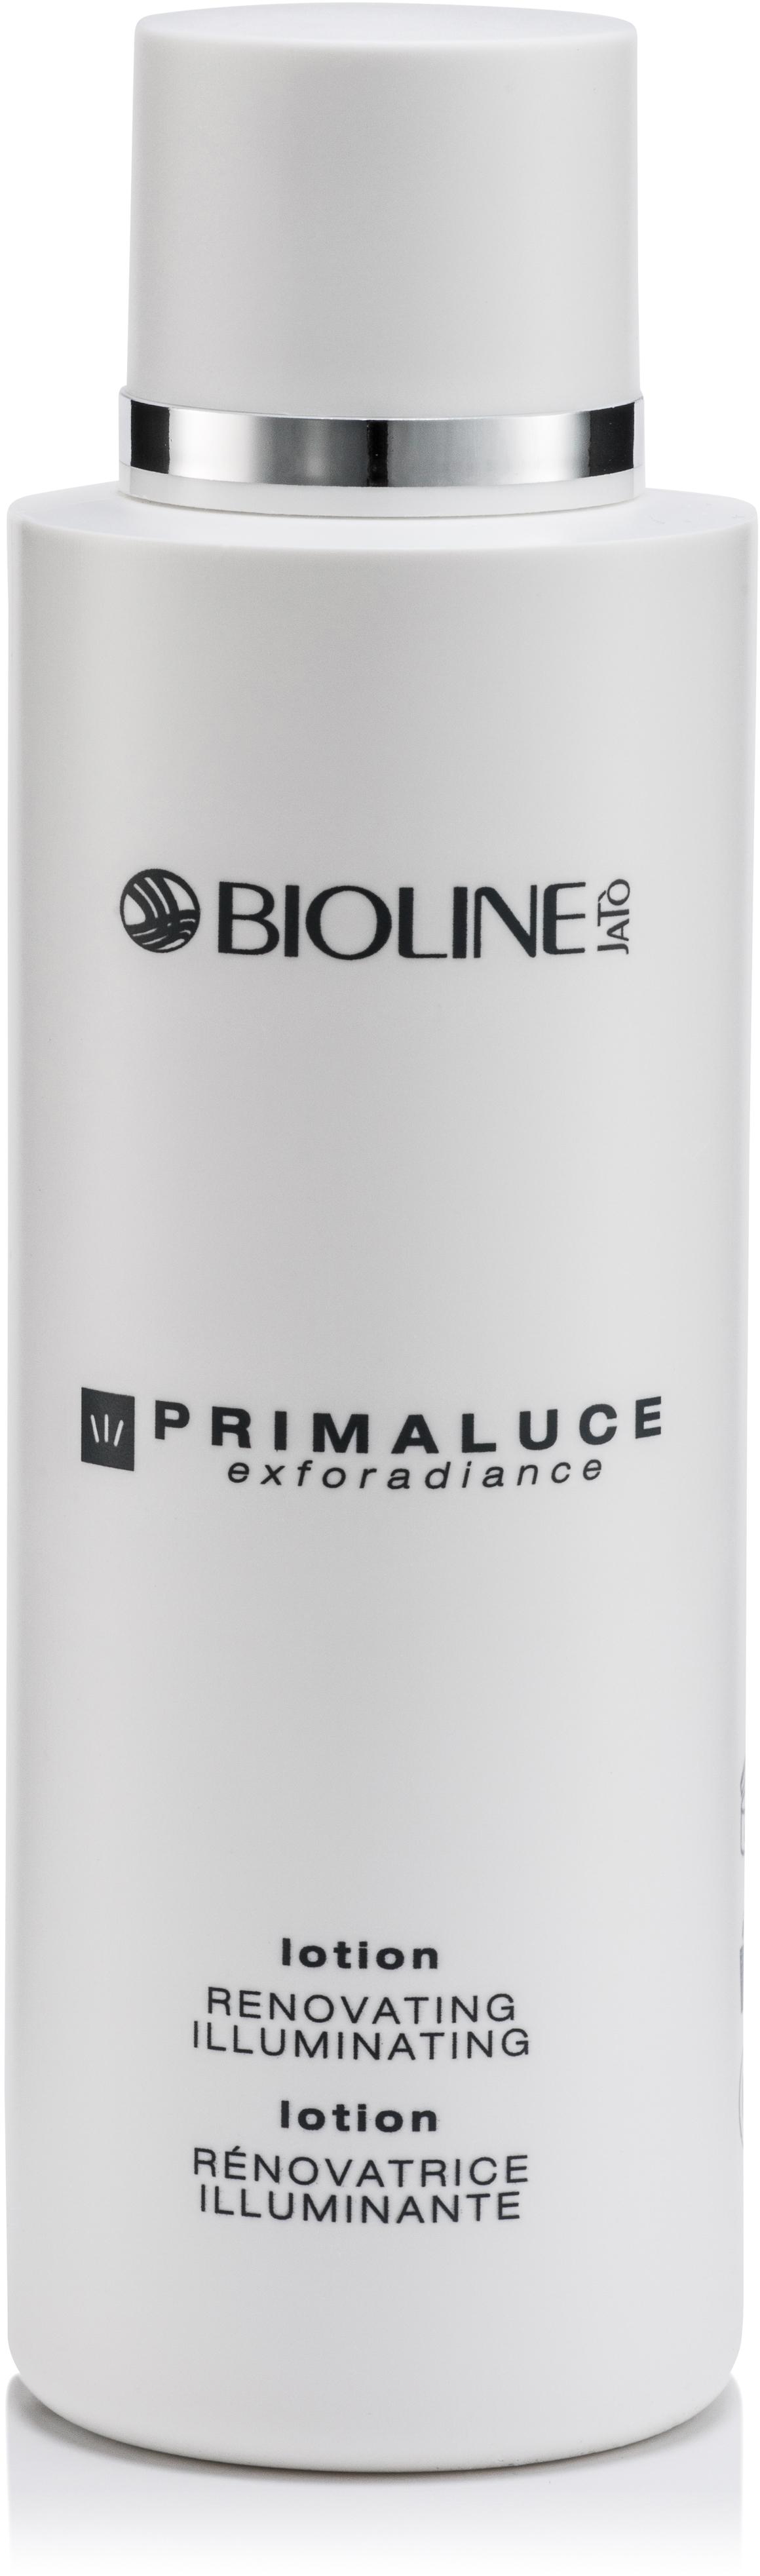 bioline primaluce billigt